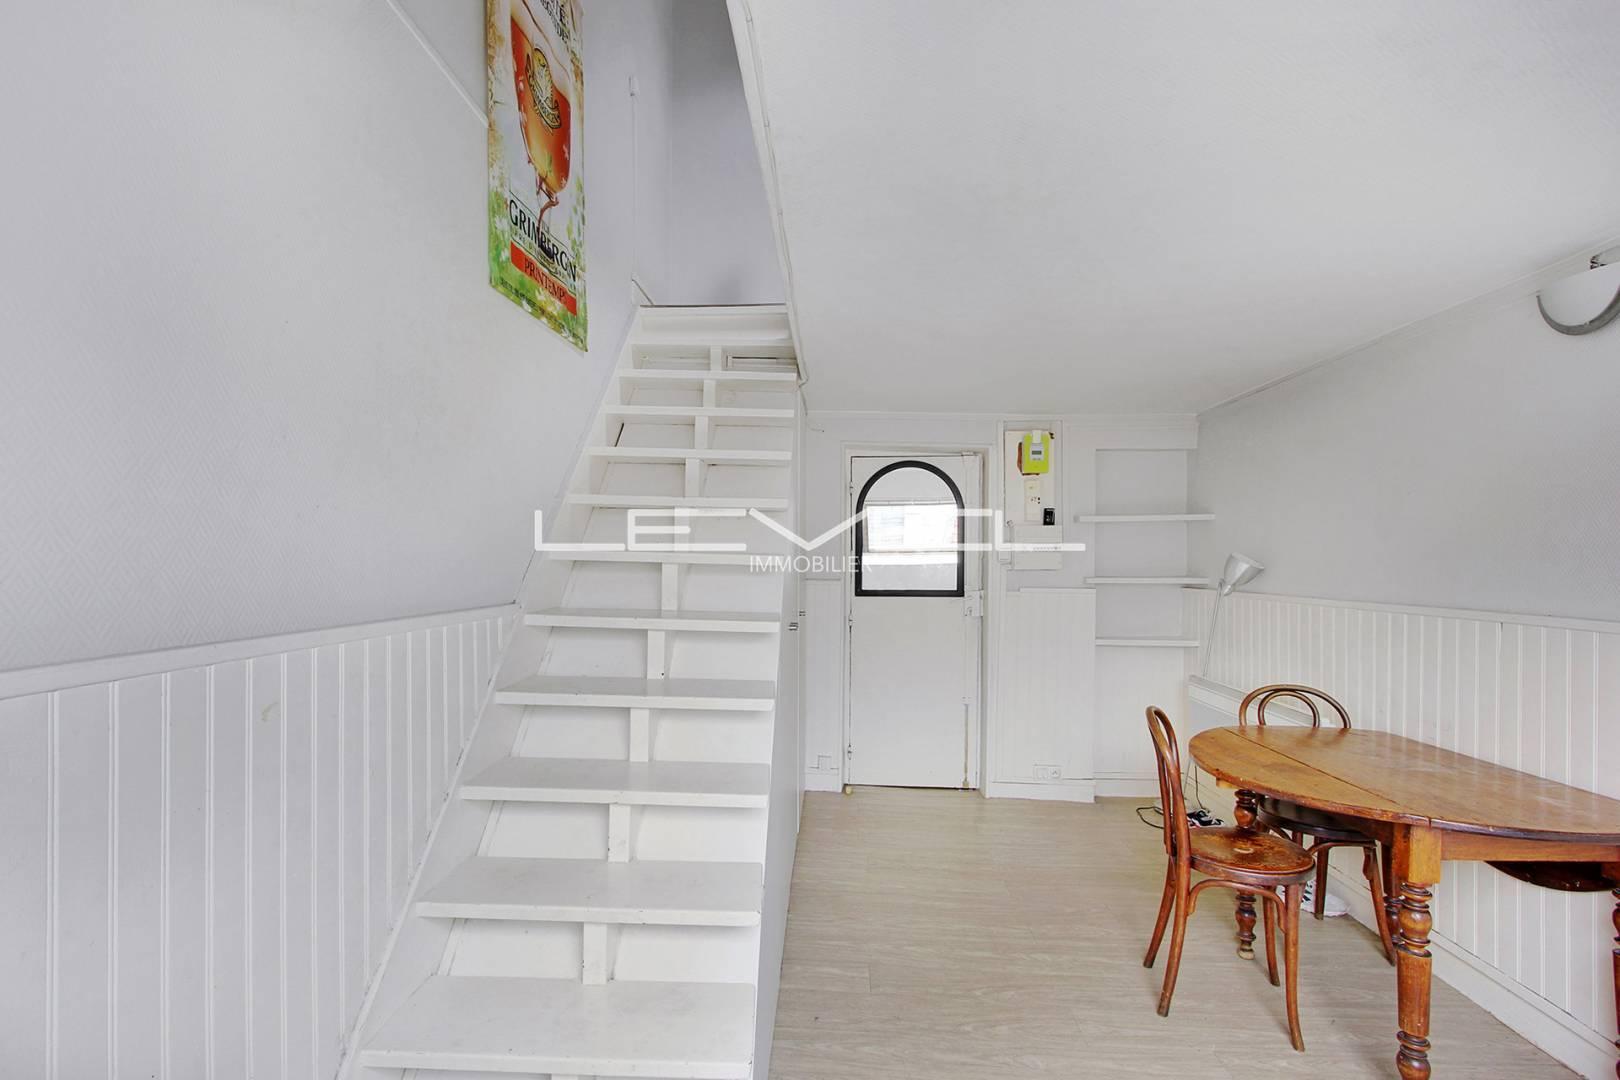 Stair Wooden floor